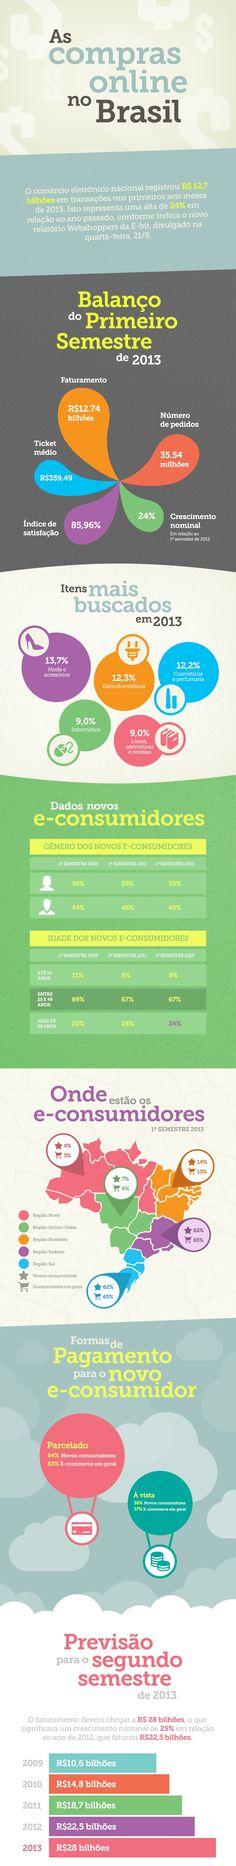 Infográfico: O Comércio Eletrônico no Brasil.